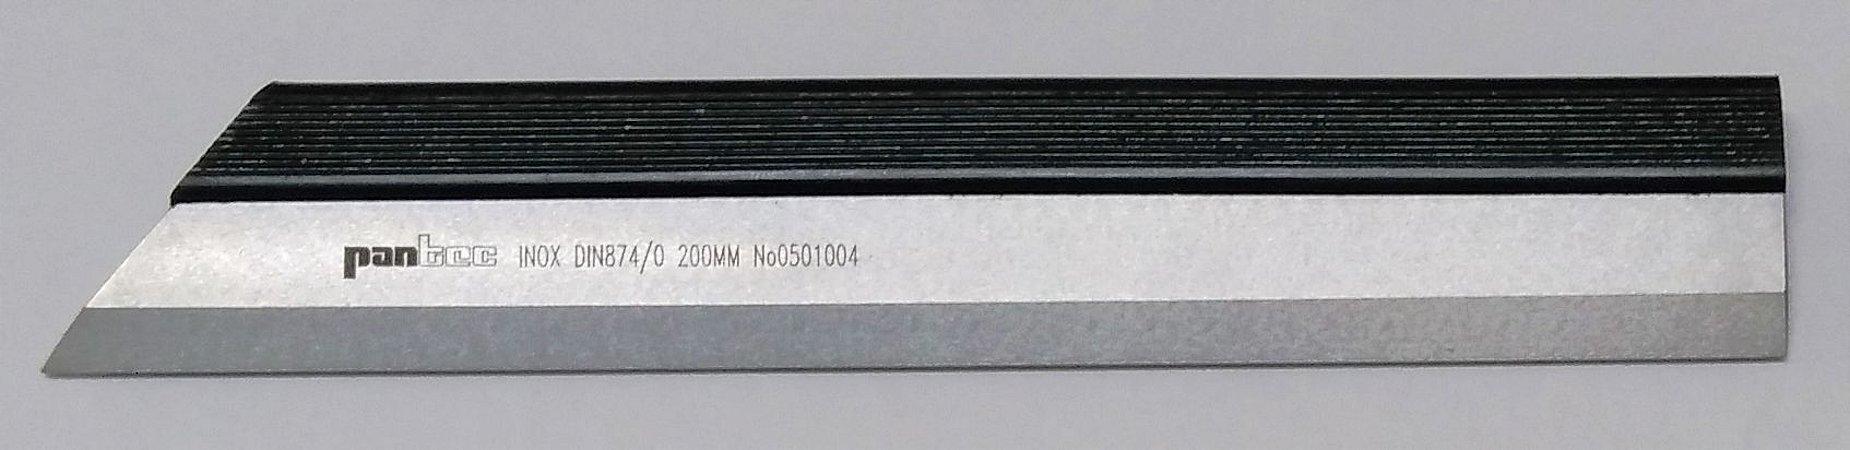 Régua de Precisão com Fio Classe 0 200mm Pantec 14700-200-0